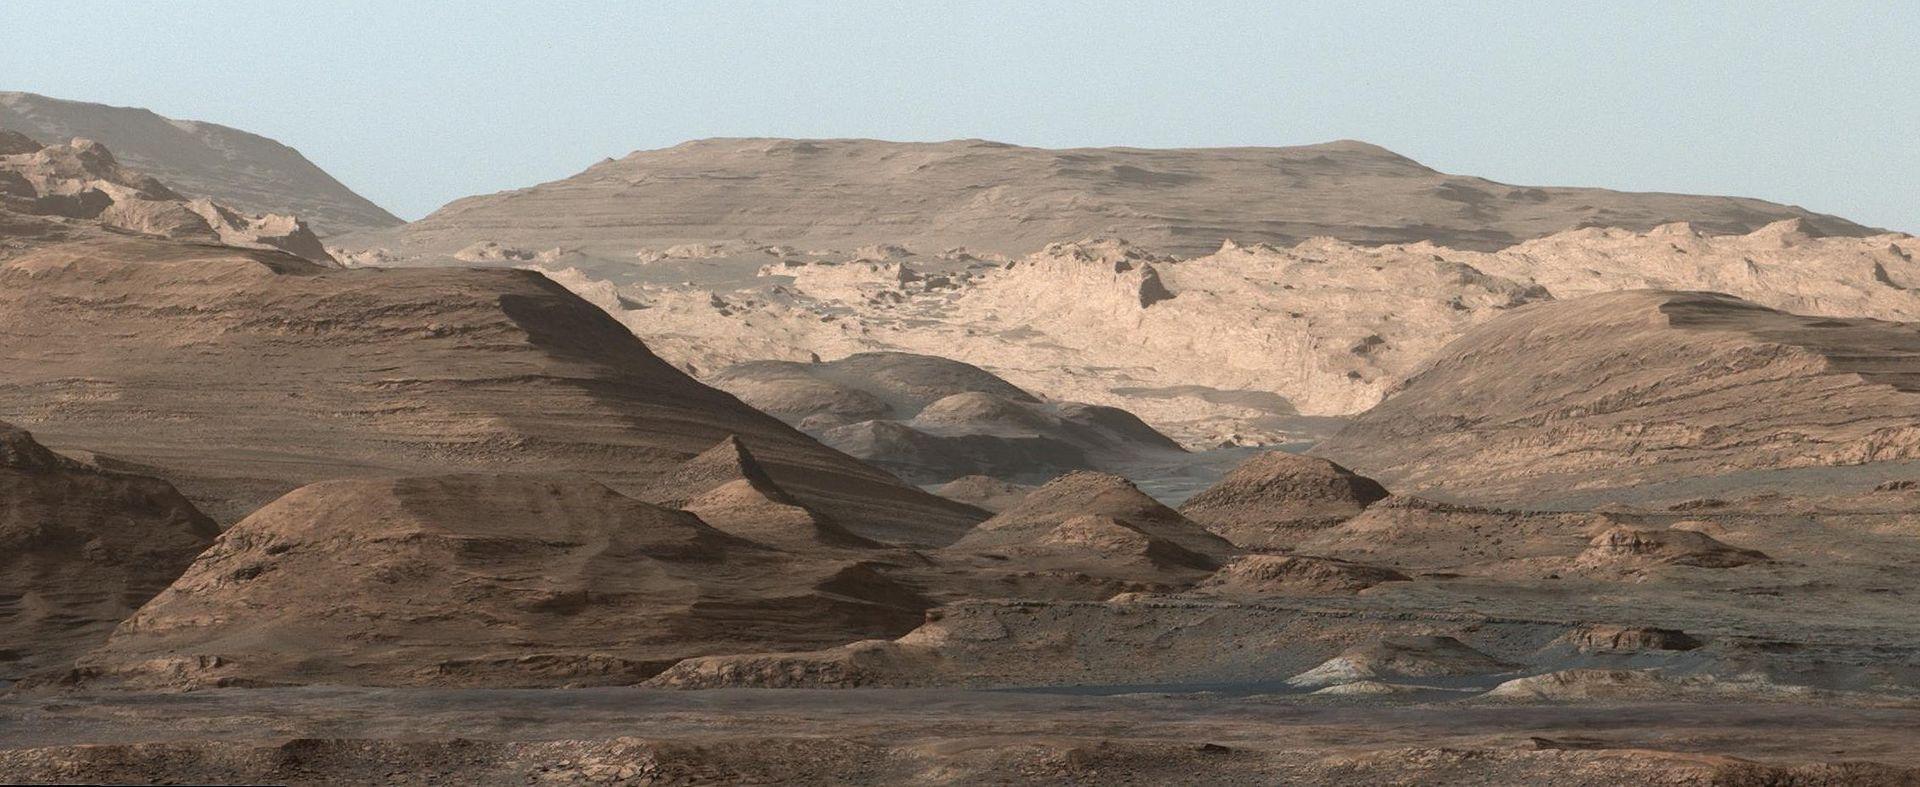 Dette bildet av Mount Sharp på Mars tok Curiosity-roveren i september. Foto: NASA